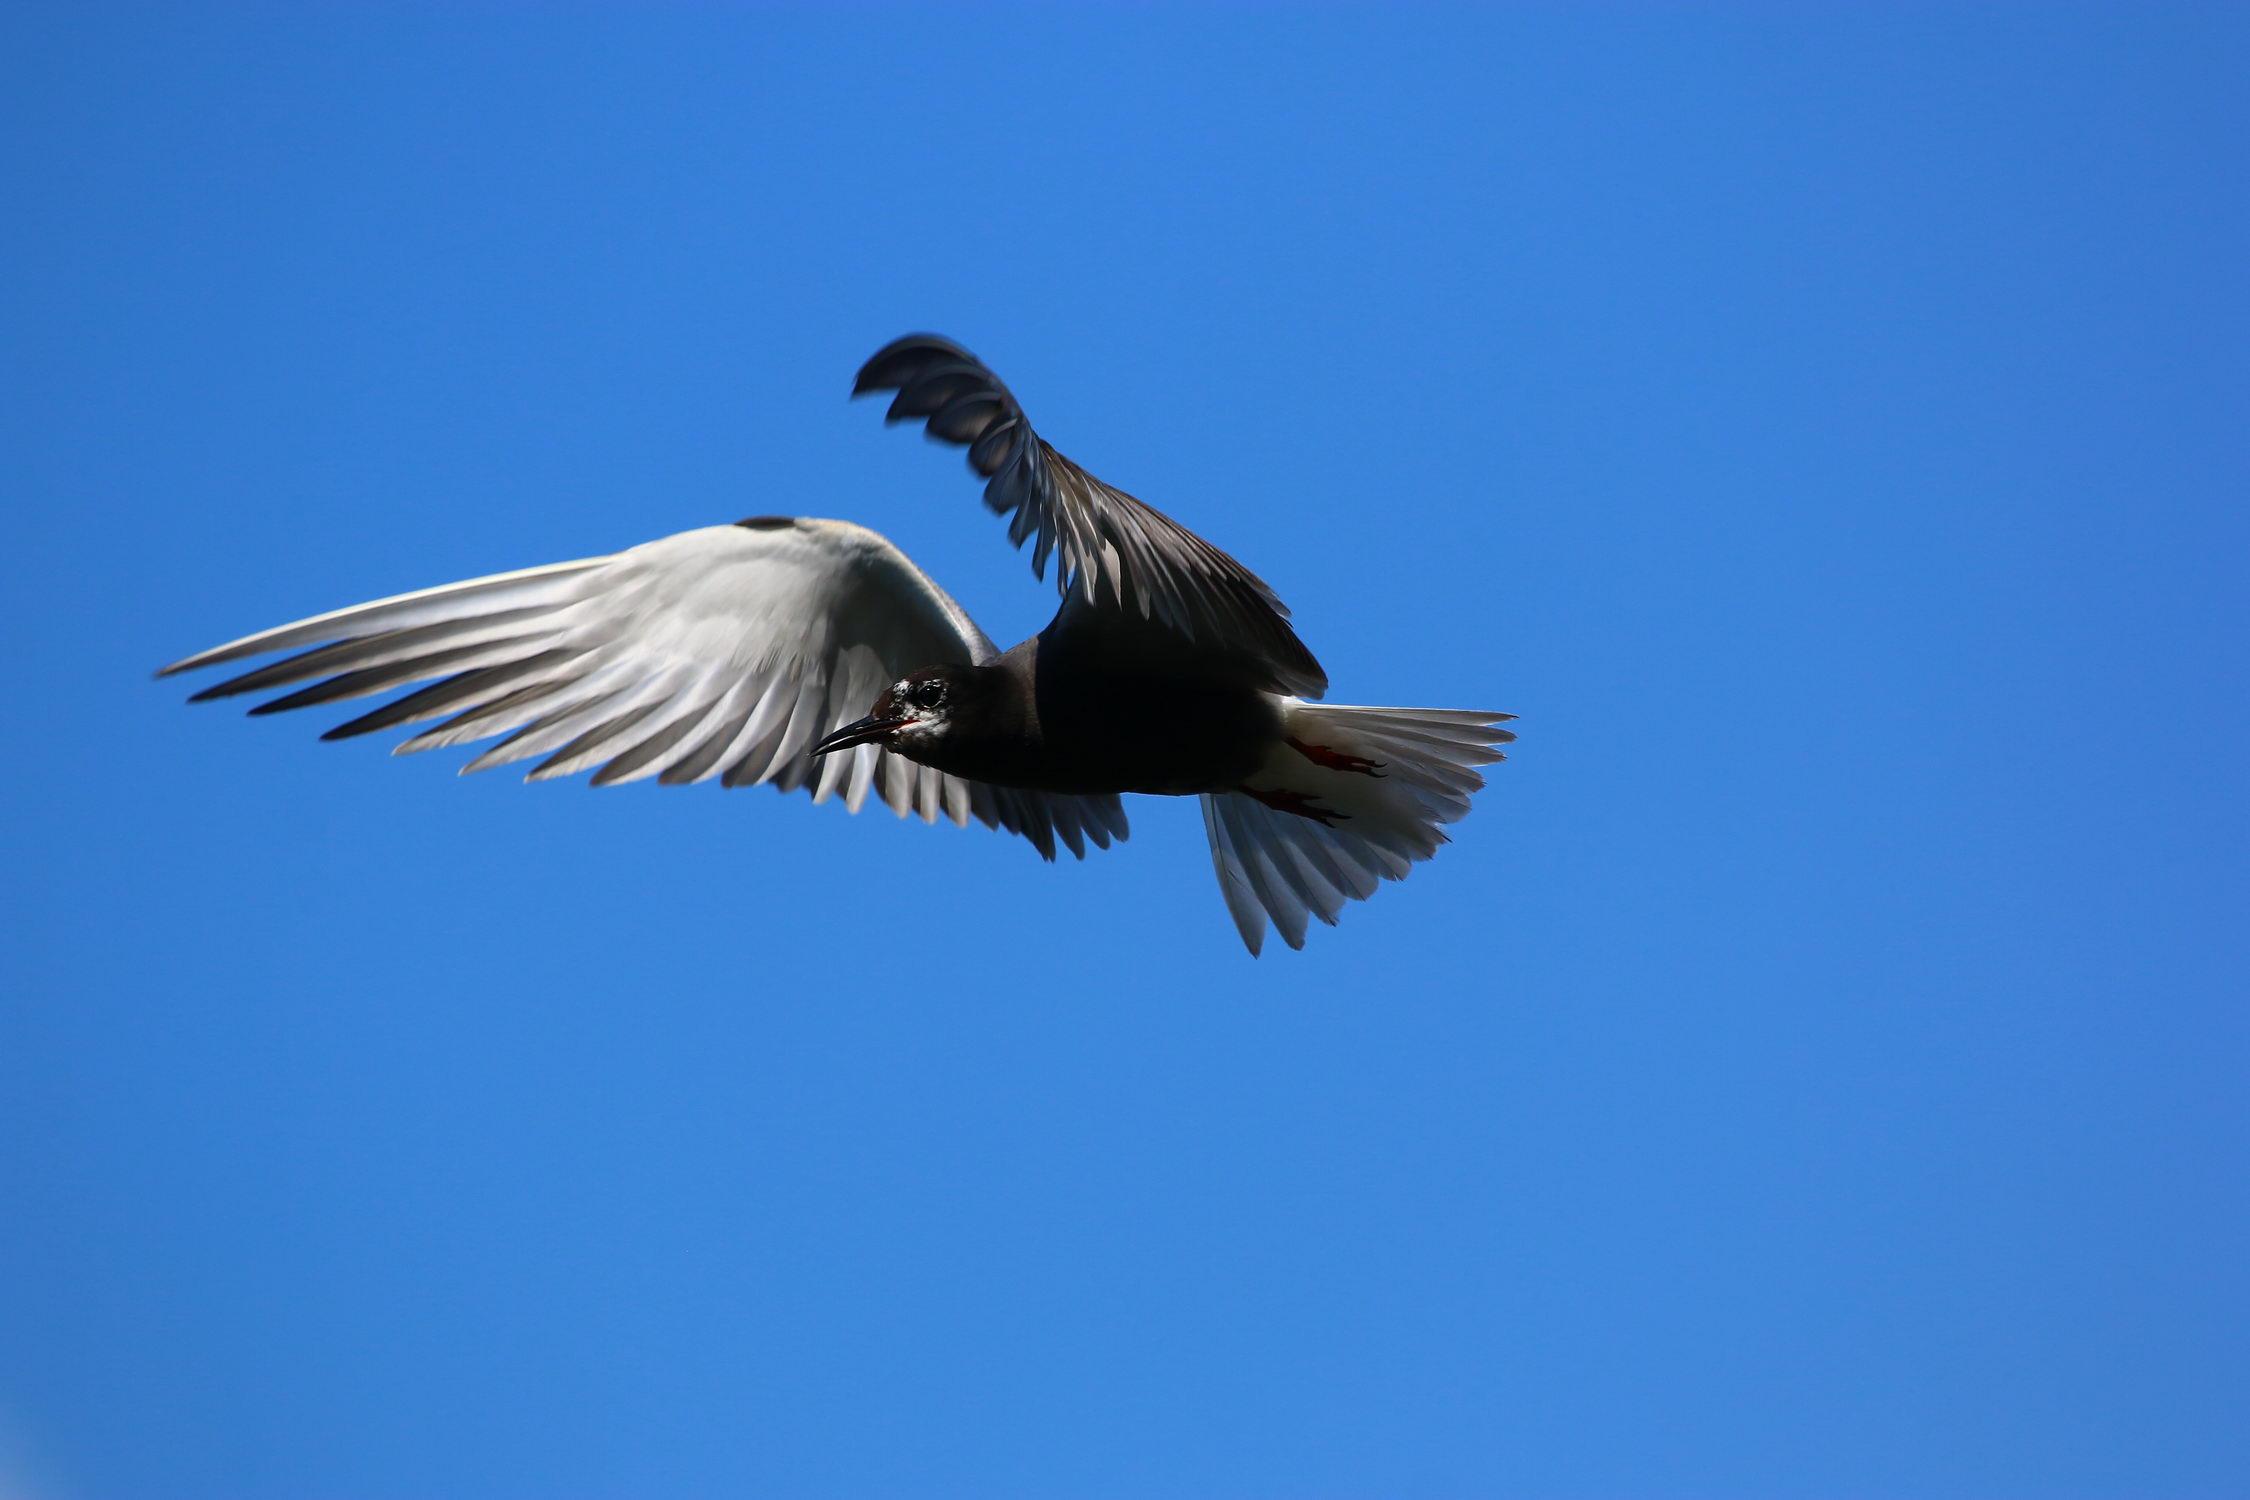 5 мест в Днепре, где лучше всего наблюдать за птицами - 12 зображення